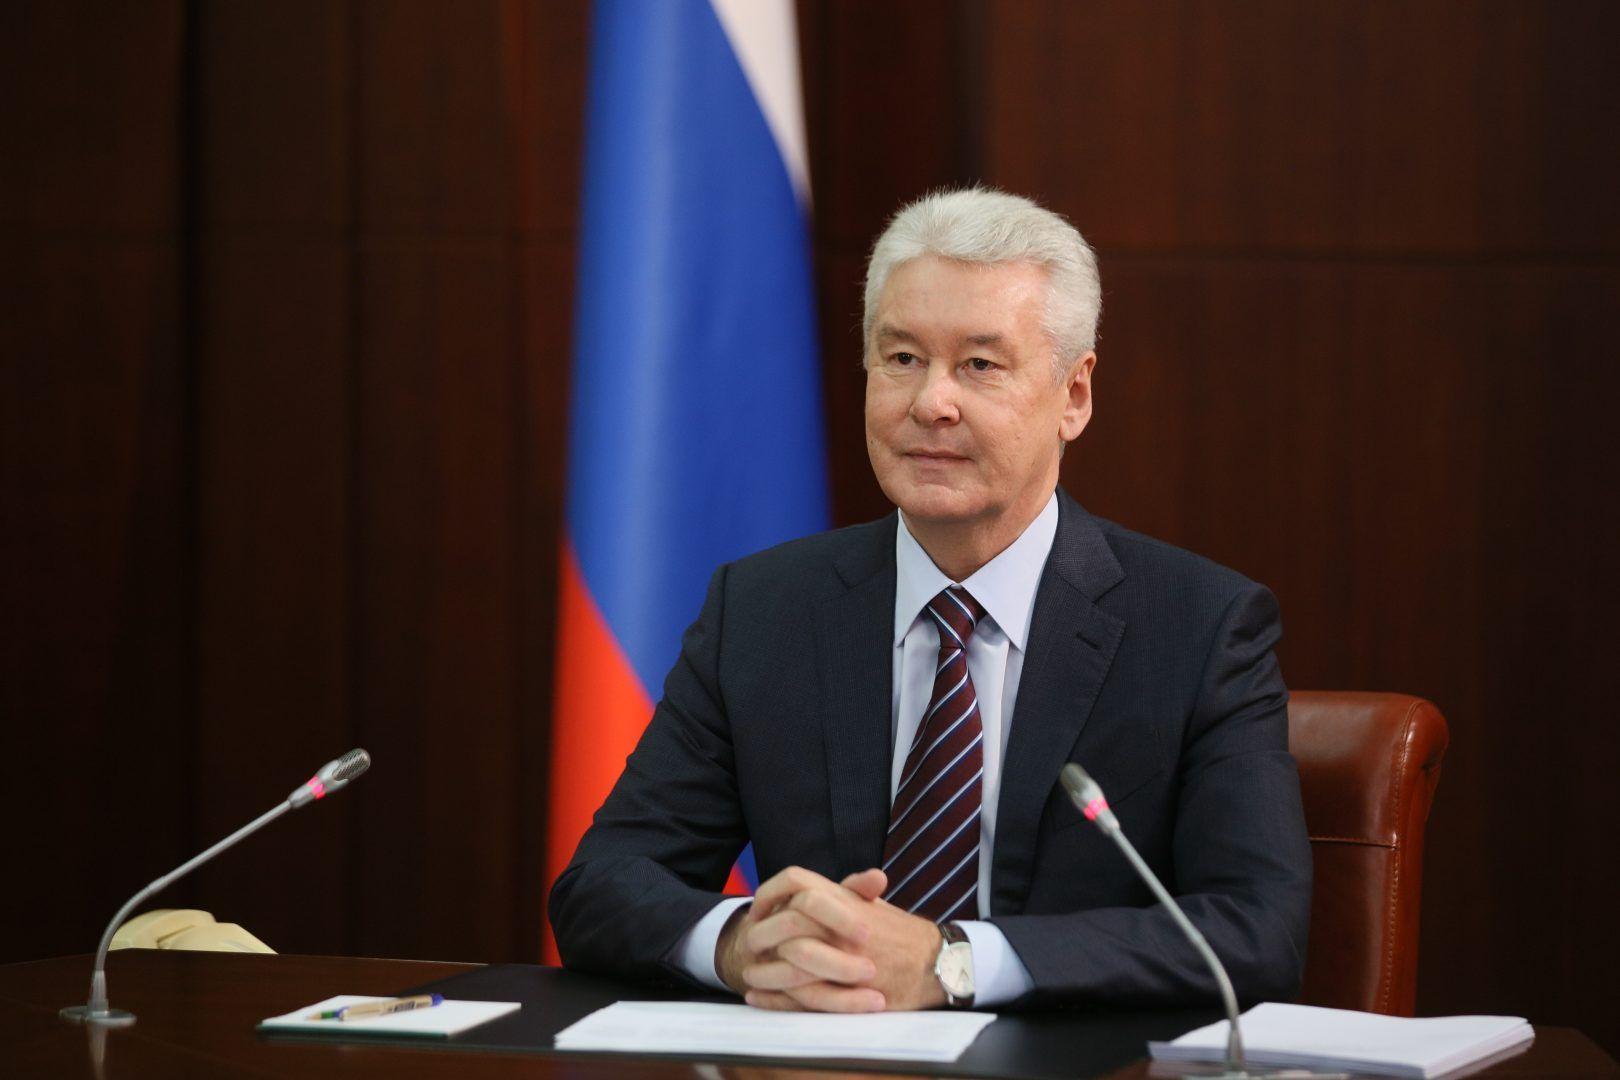 По словам Сергея Собянина, строительство первой очереди больницы будет завершено в 2019. Фото: Антон Гердо